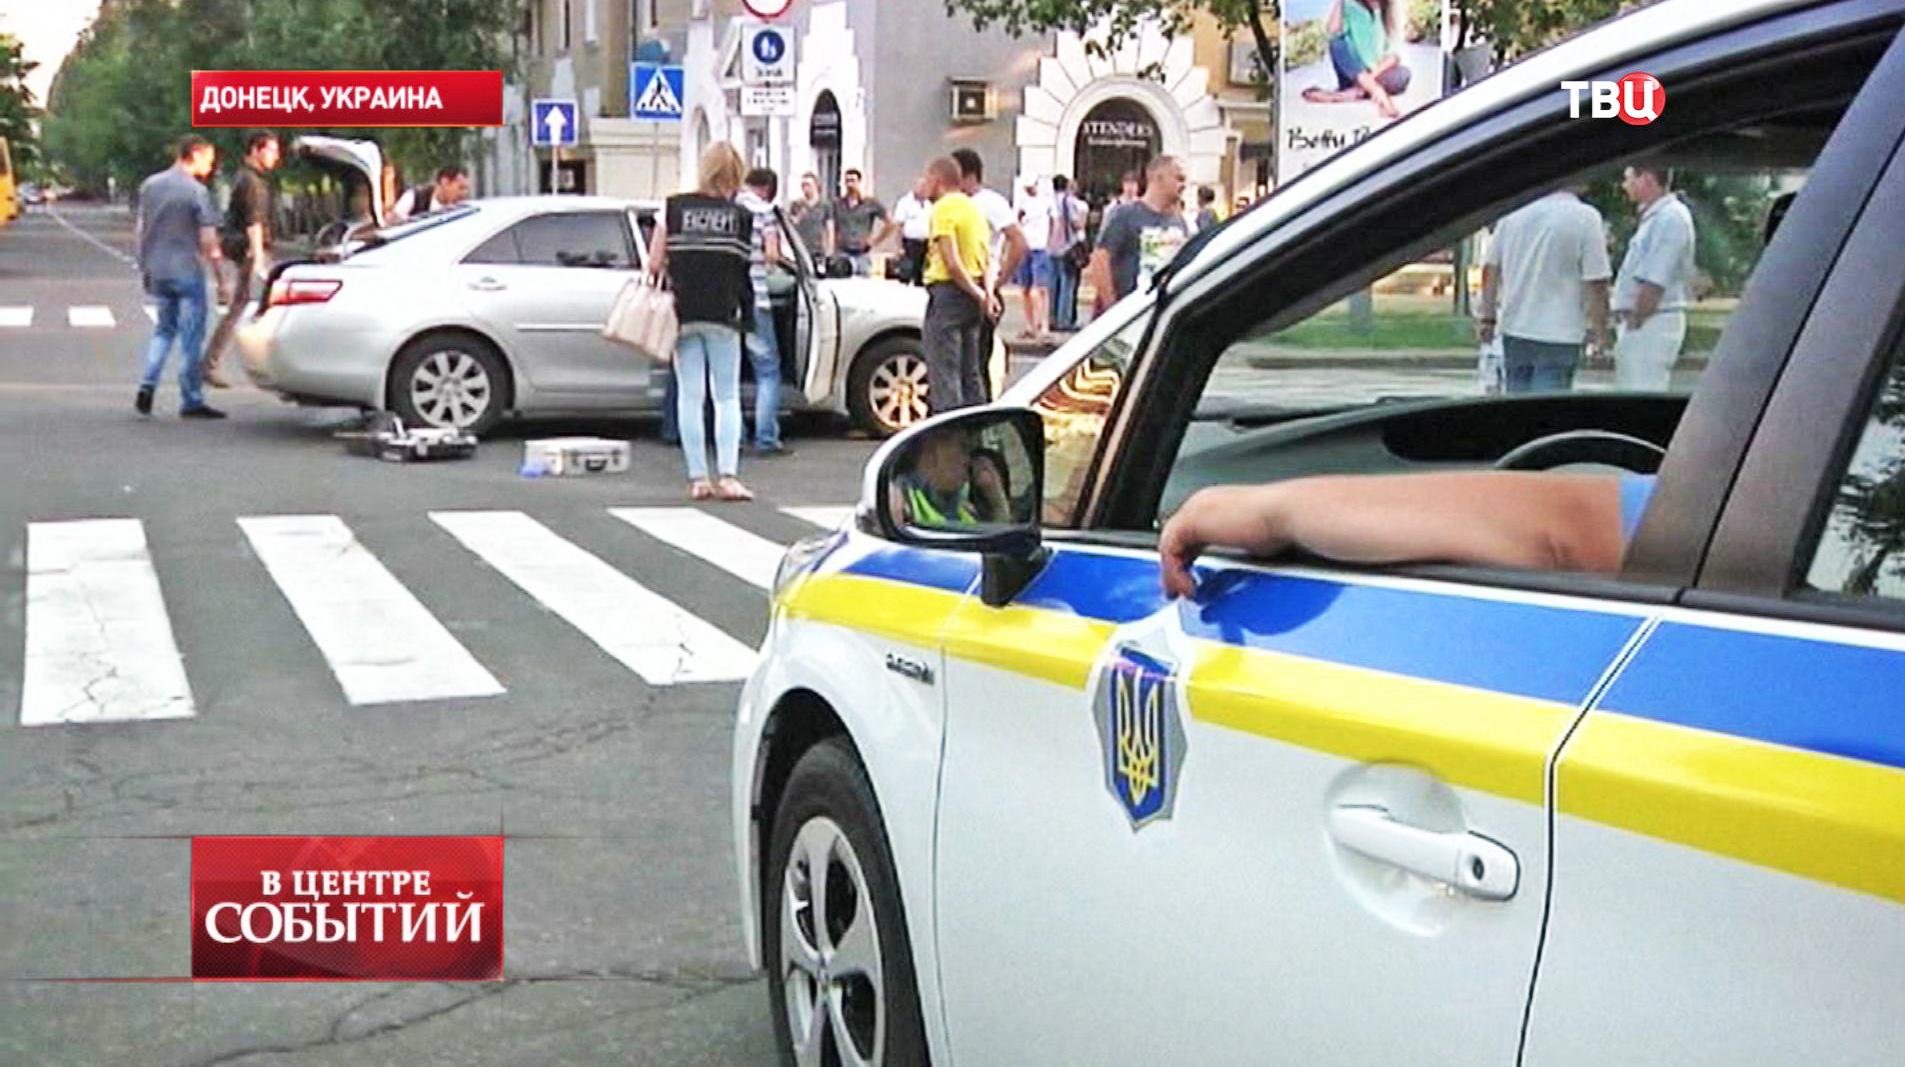 На месте обстрела автомобиля одного из лидеров Донецкой народной республики Дениса Пушилина